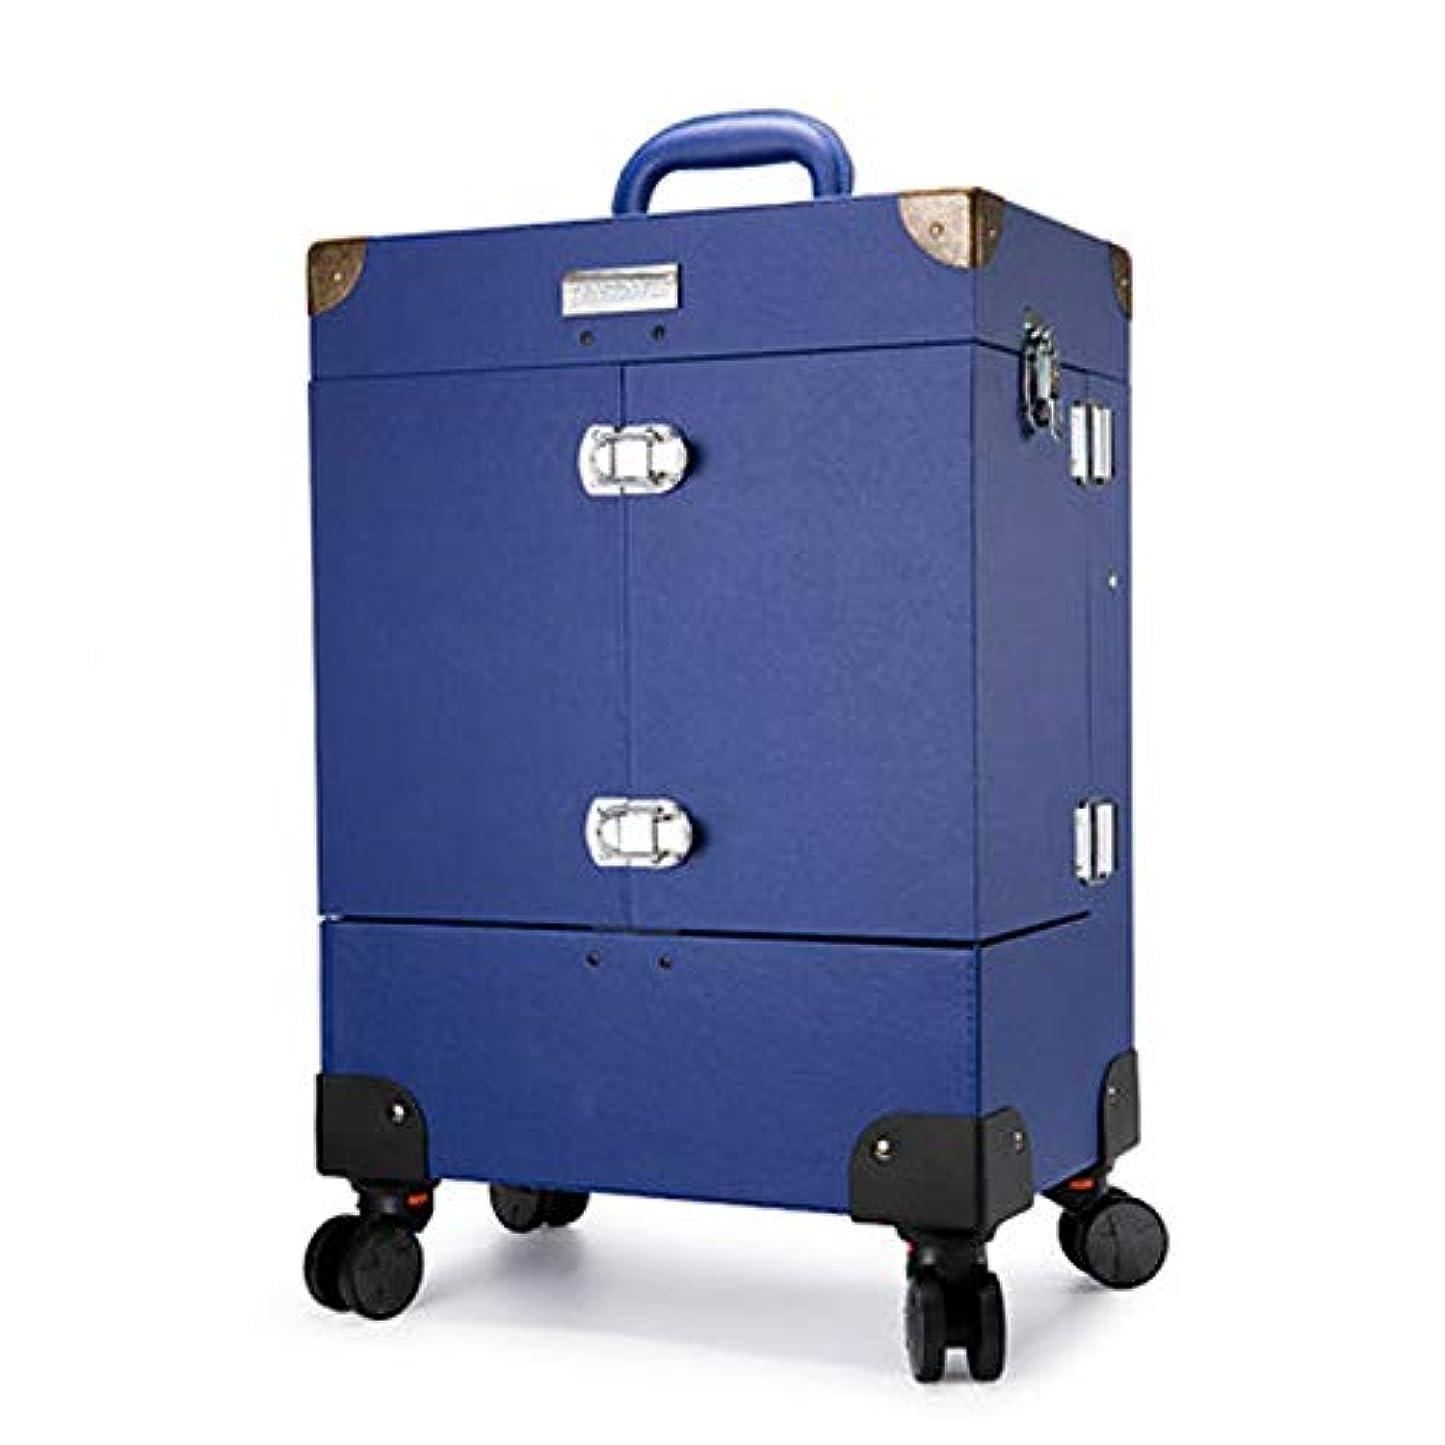 ペース逃げる徴収プロ専用 ネイリスト クローゼット スーツケース ネイル収納 メイクボックス キャリーバッグ ヘアメイク ネイル 大容量 軽量 高品質 多機能 プロ I-JL-3505T-BL